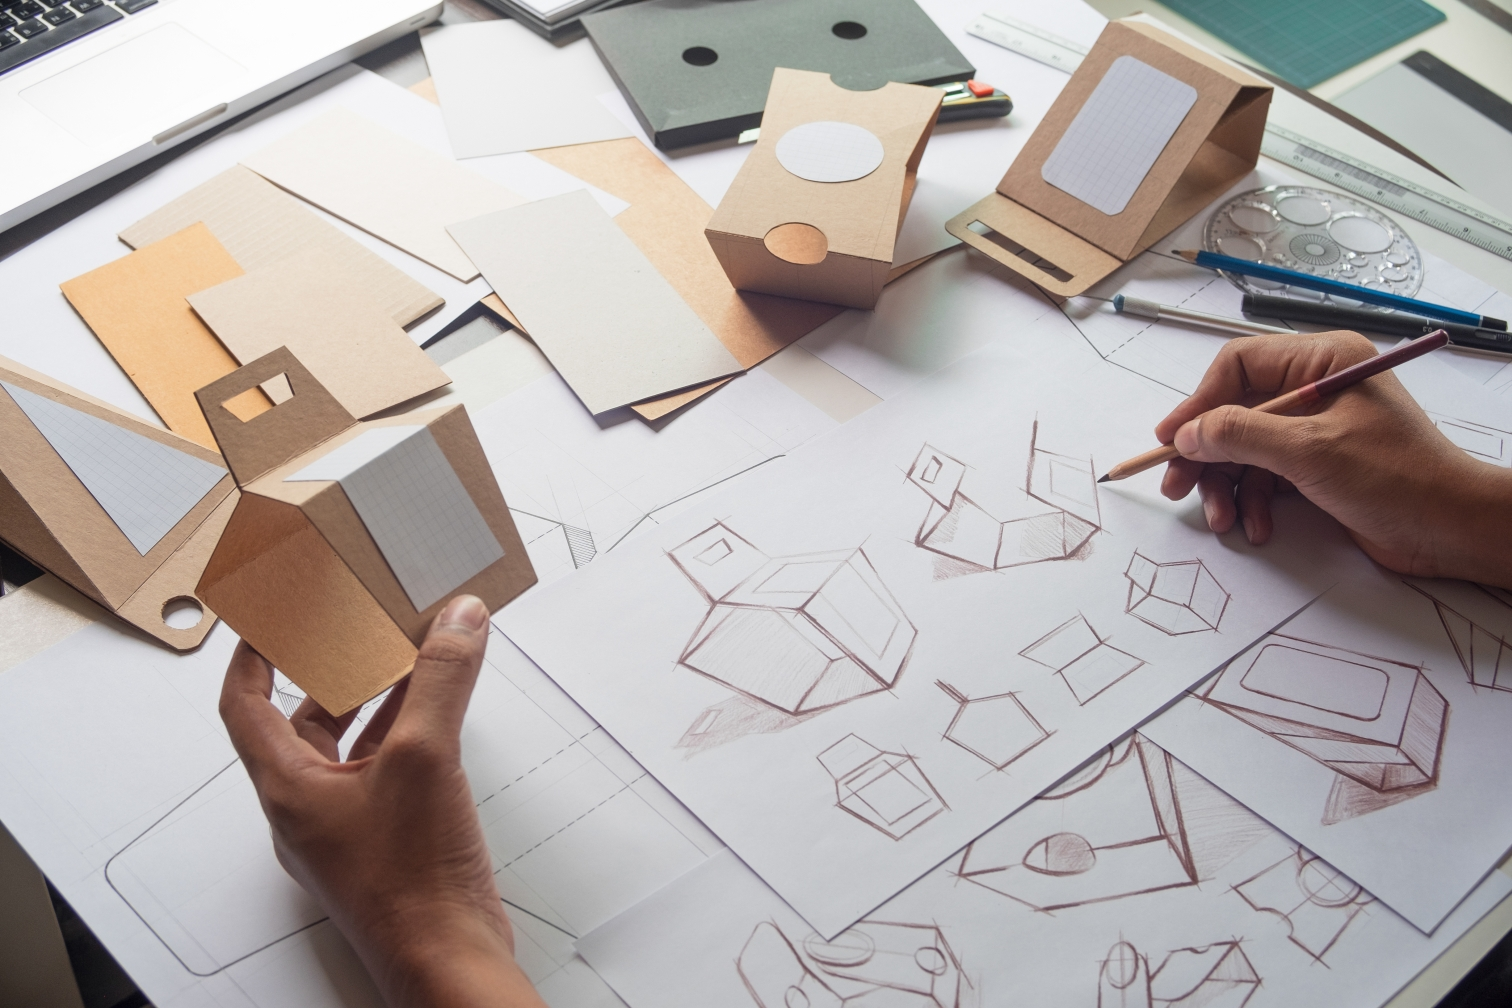 Die beste Lösung für Ihr Unternehmen. Qualität steht bei unseren Verpackungen an erster Stelle.